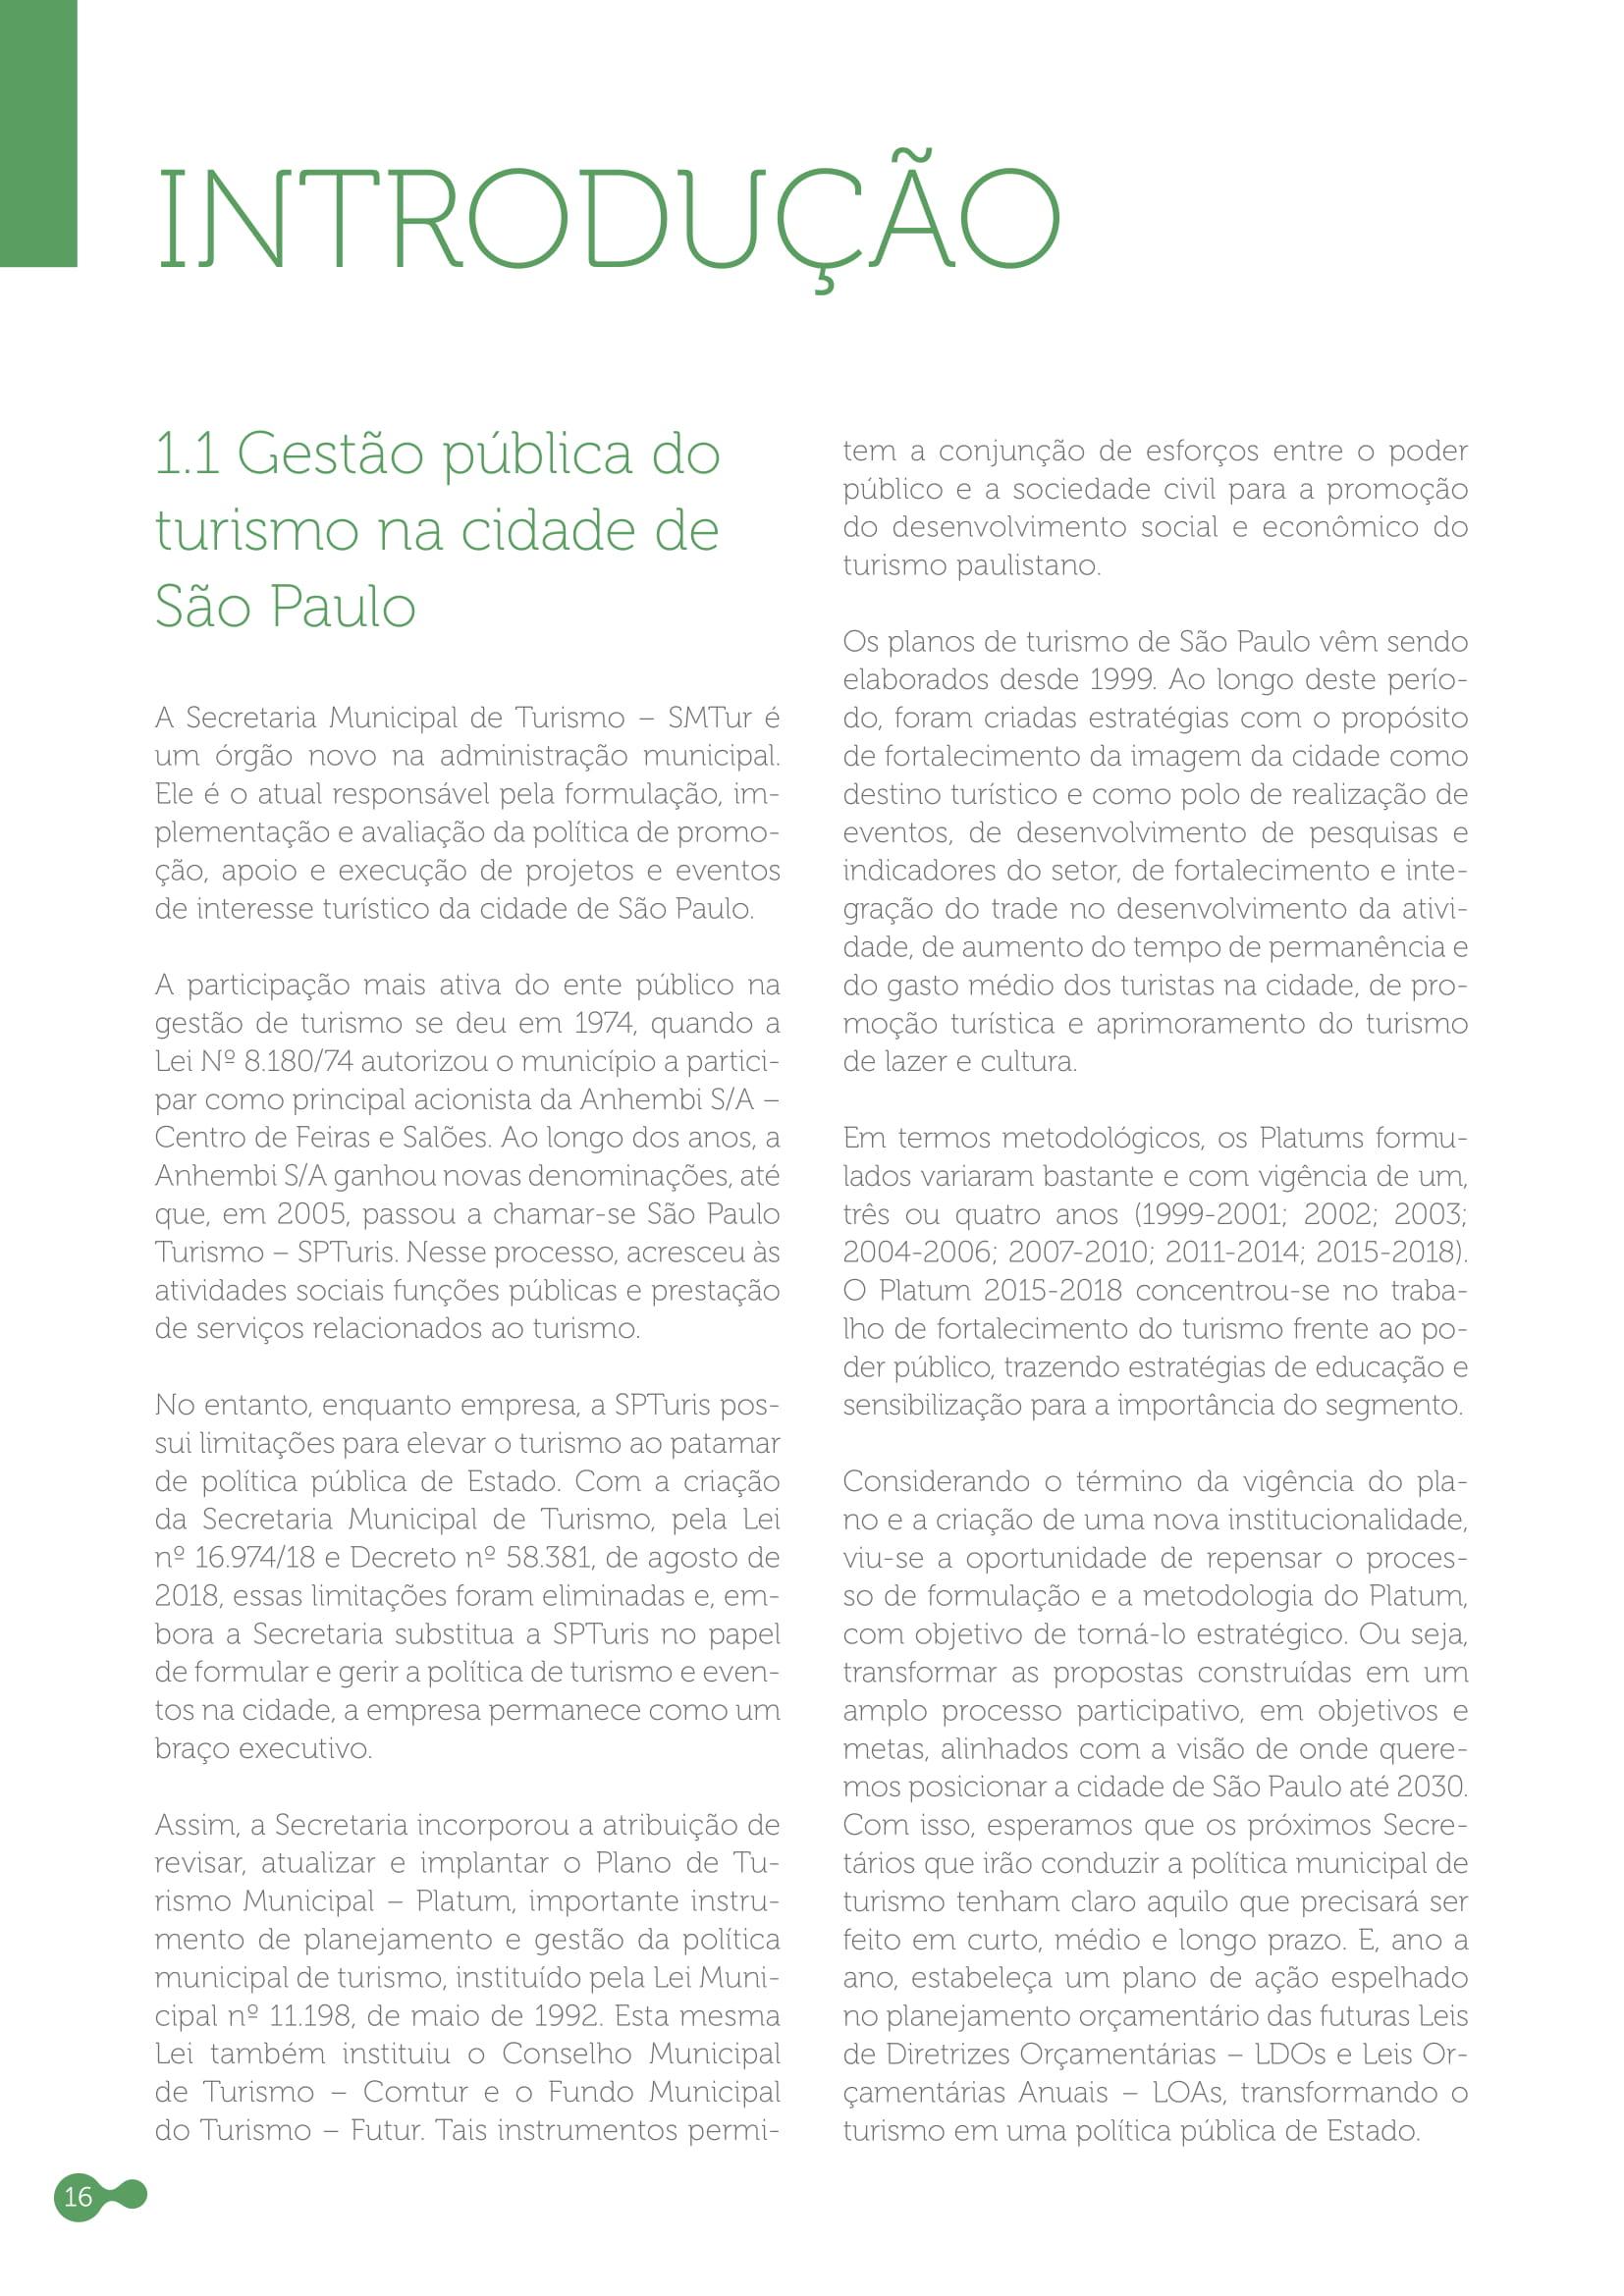 platum_1594747759-016